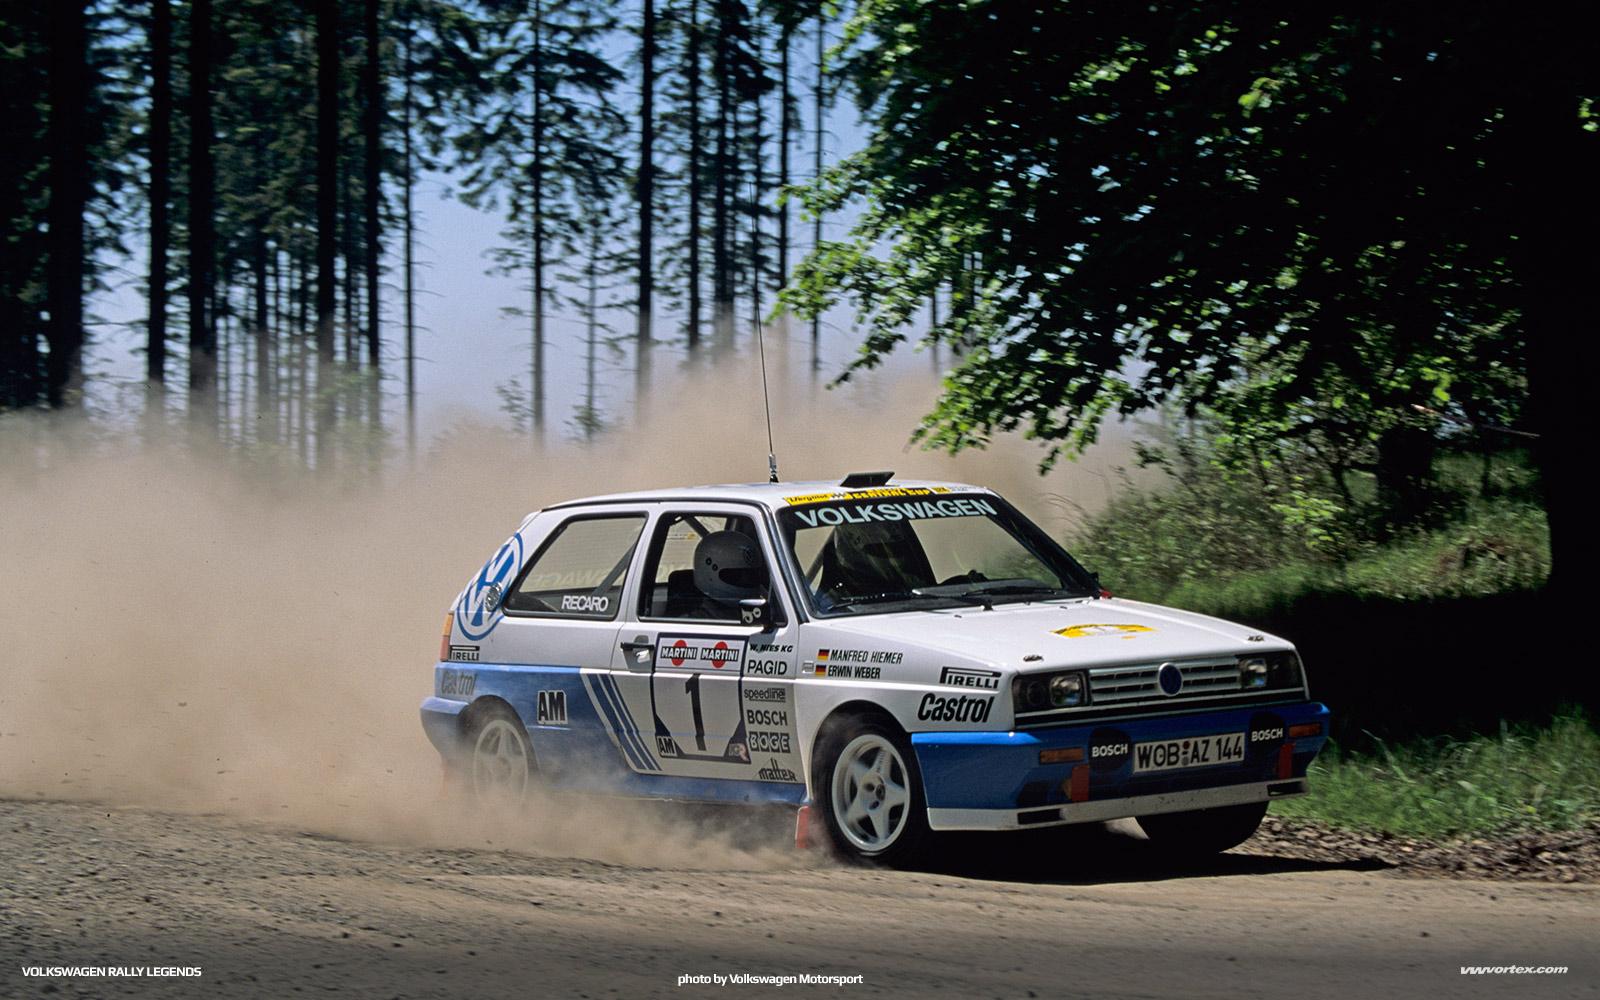 volkswagen-rally-legends-370